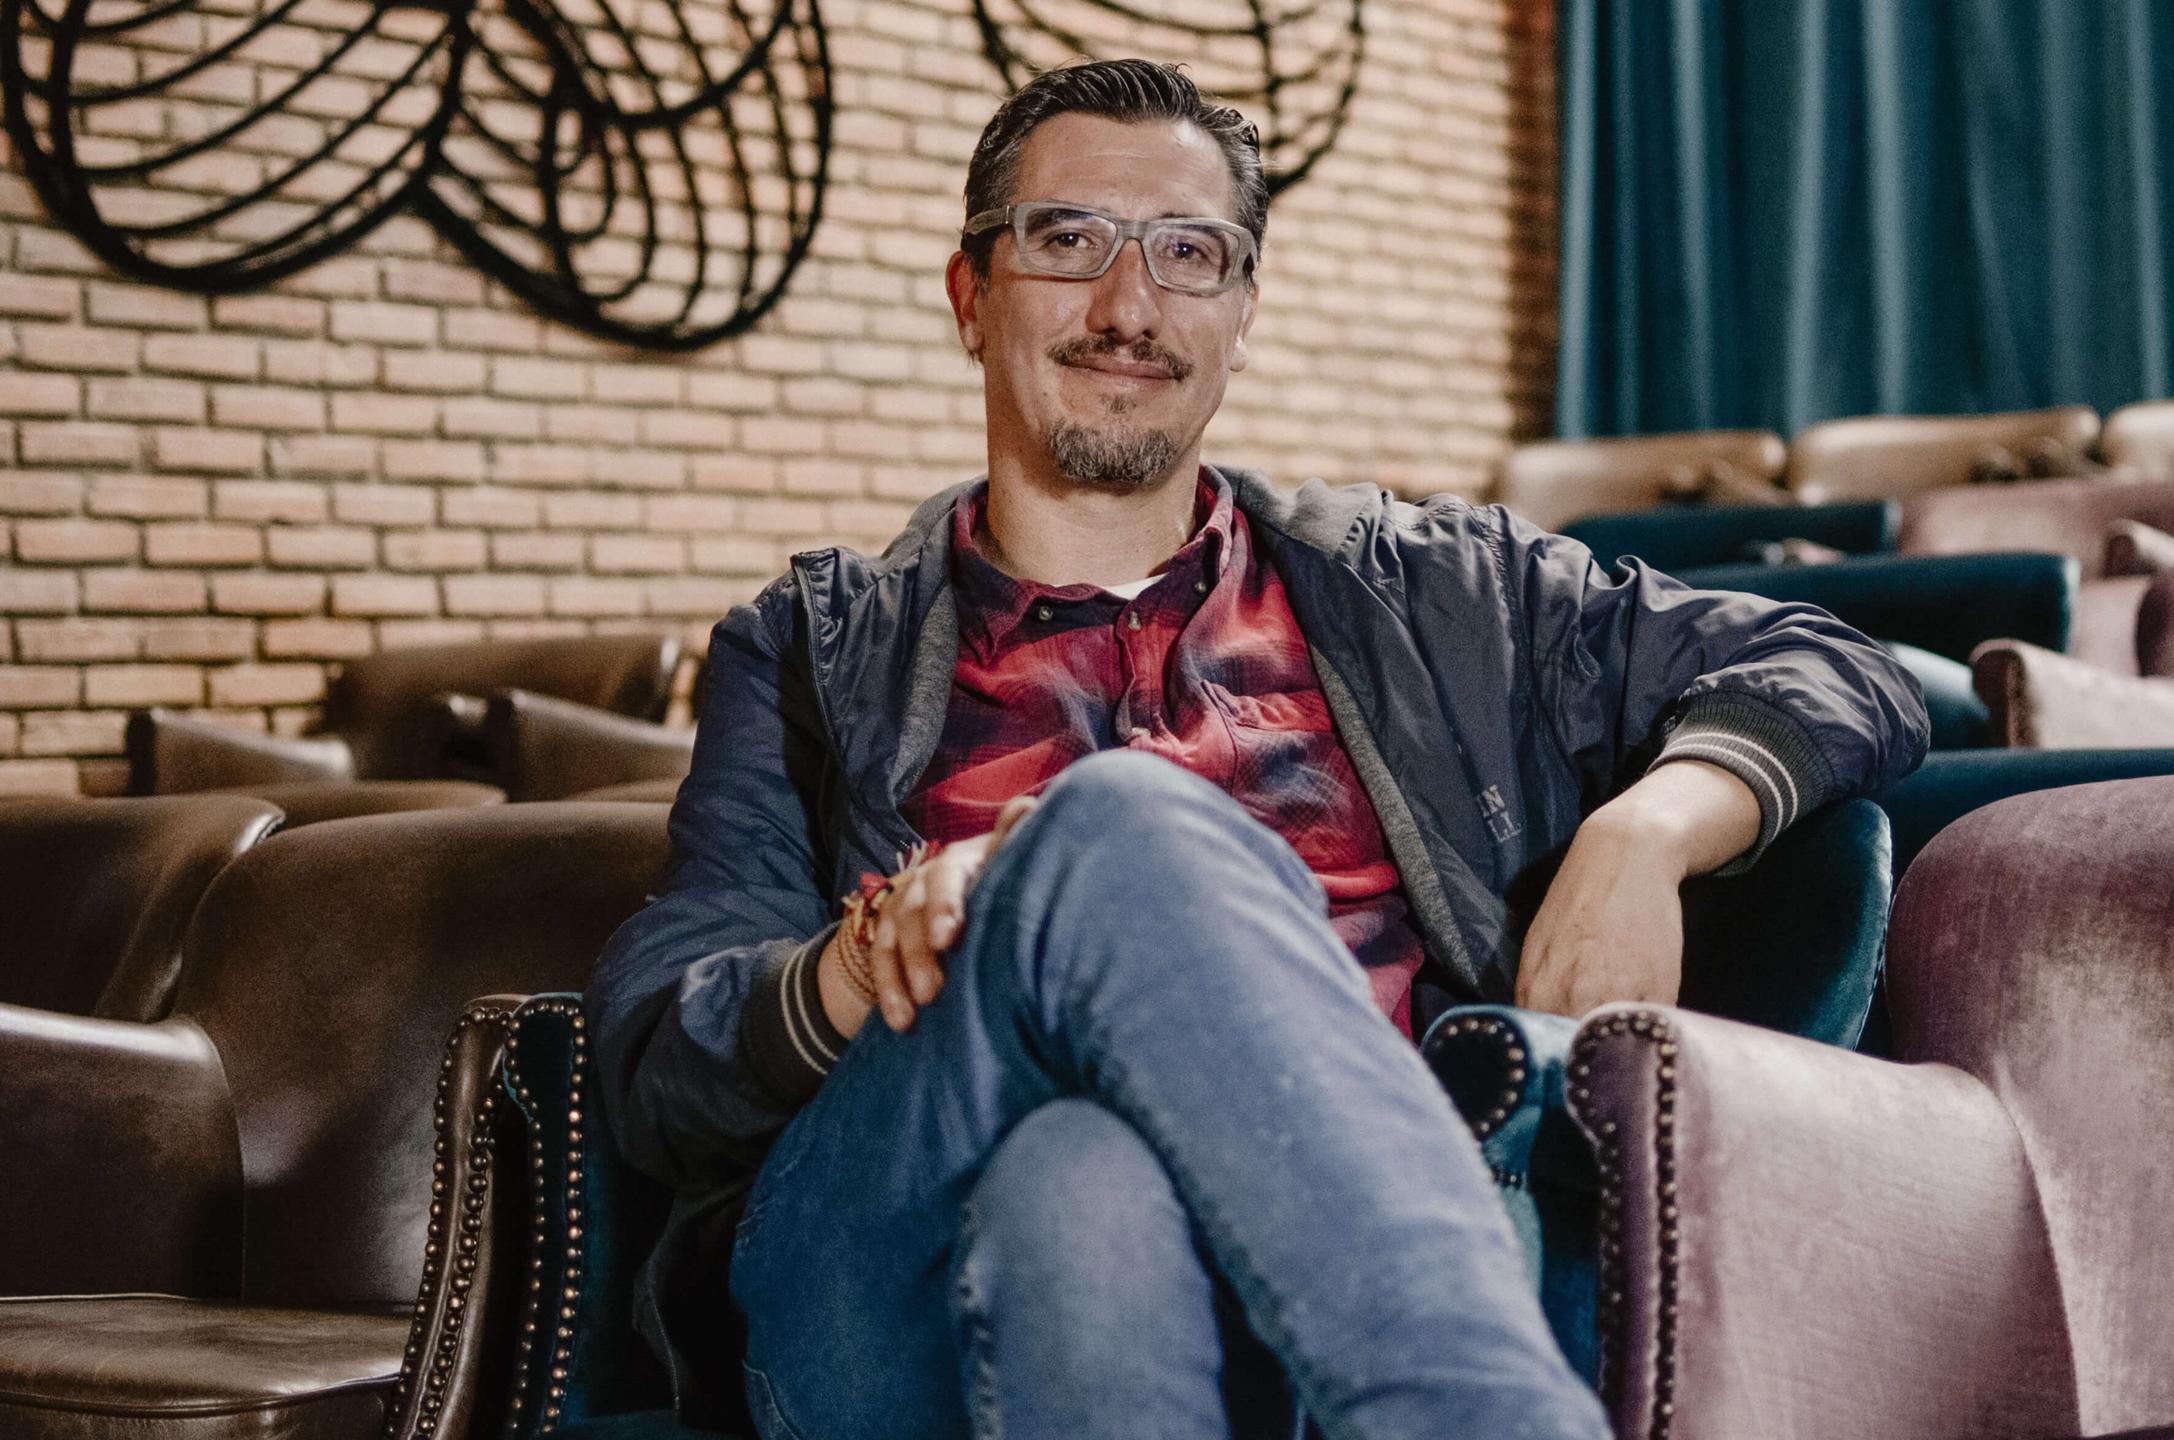 Julián Lopez de mesa, Ilustre, cursos, charlas, conferencias, cultura, cursos online